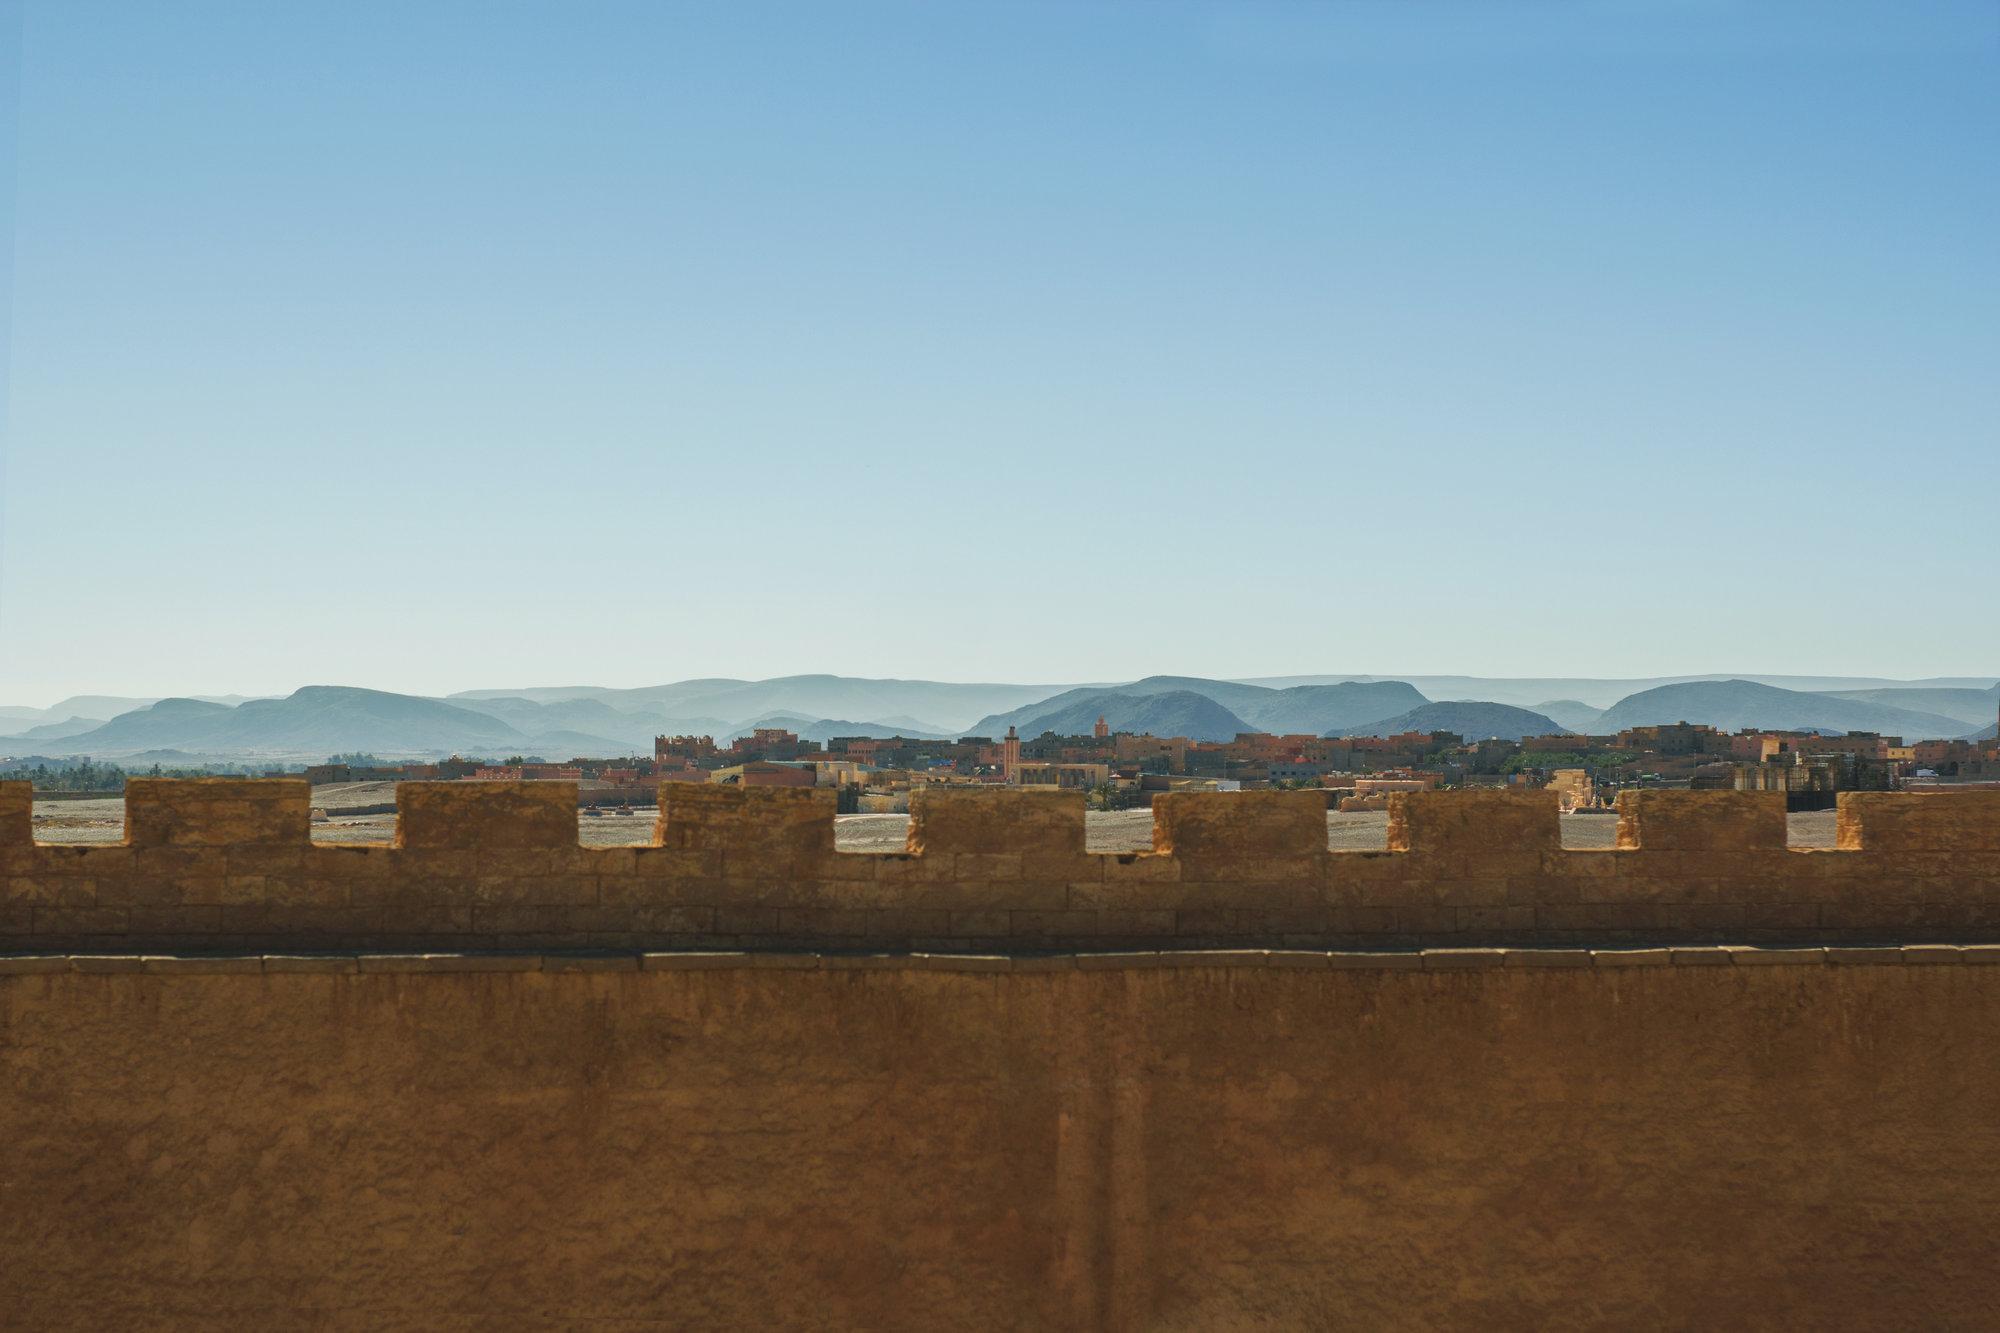 město Ouarzazate